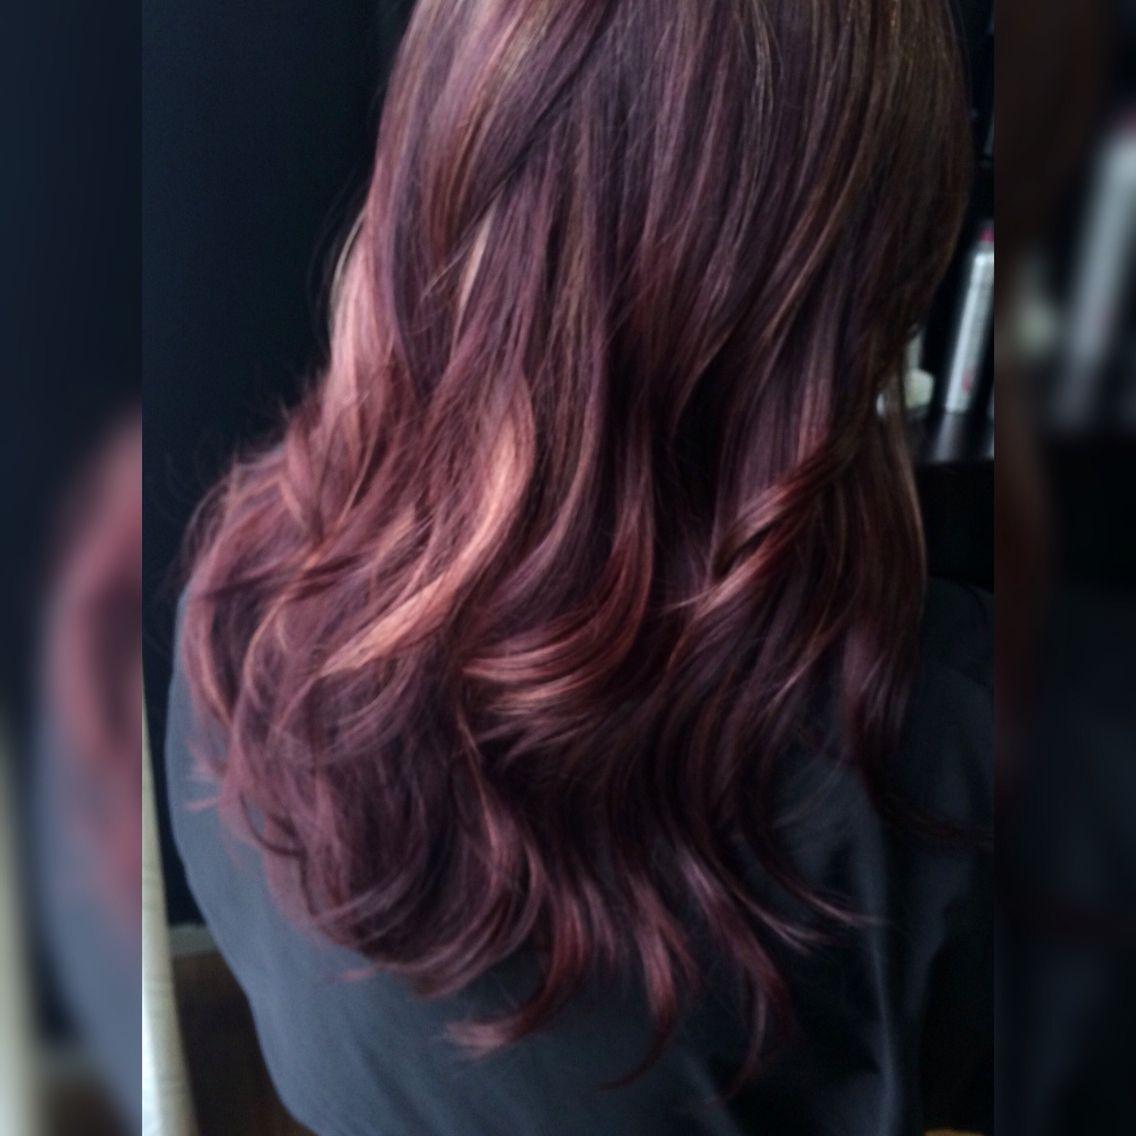 Plum Berry Hair Color For Fall Fall Winter Hair Color Plum Hair Hair Beauty